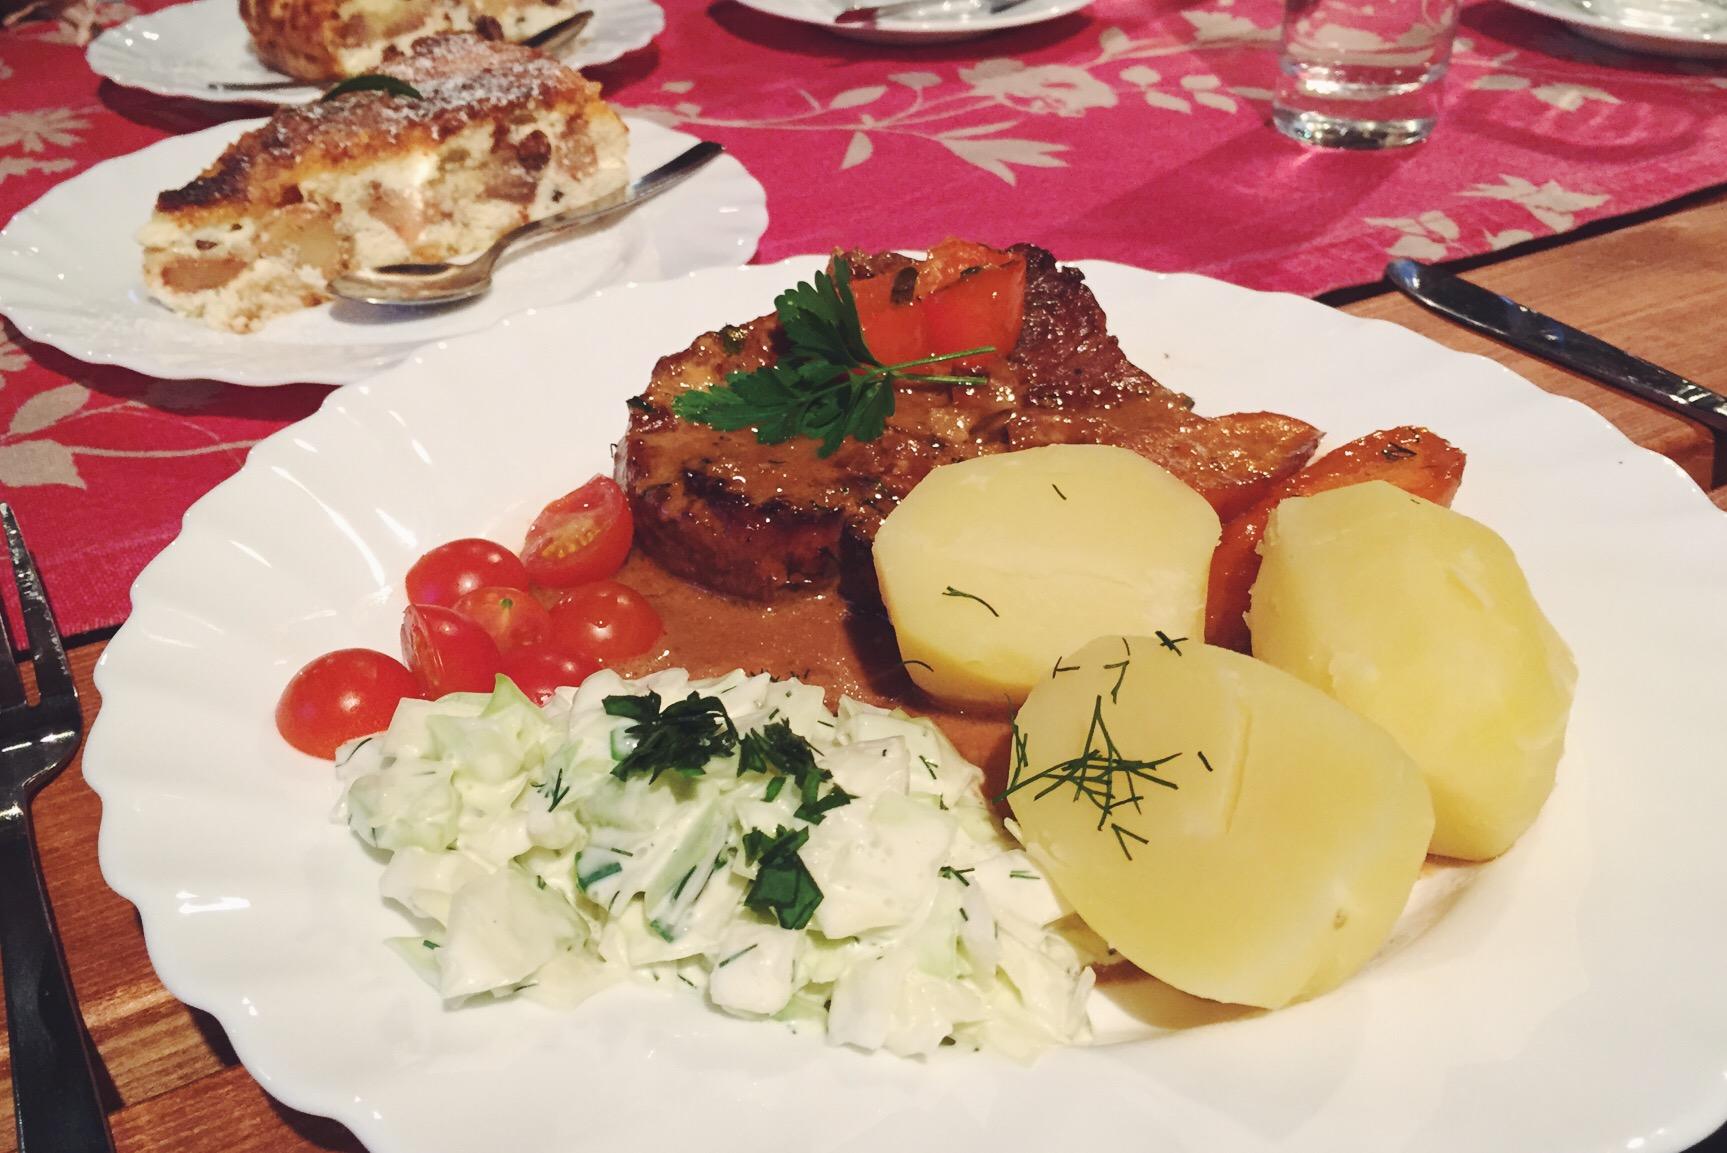 Essen in Estland